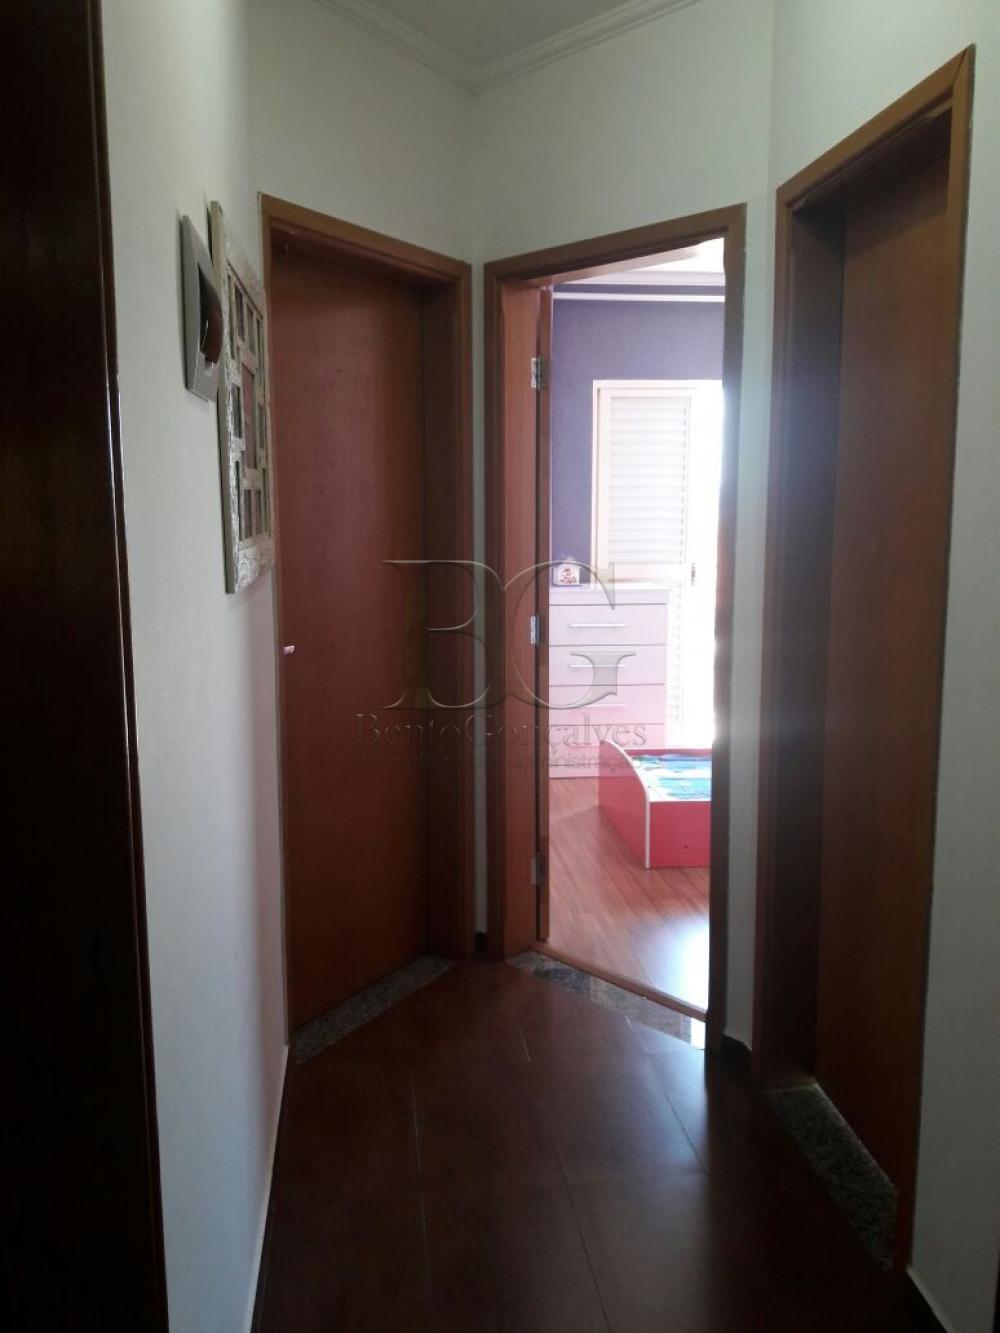 Comprar Apartamentos / Padrão em Poços de Caldas apenas R$ 210.000,00 - Foto 18